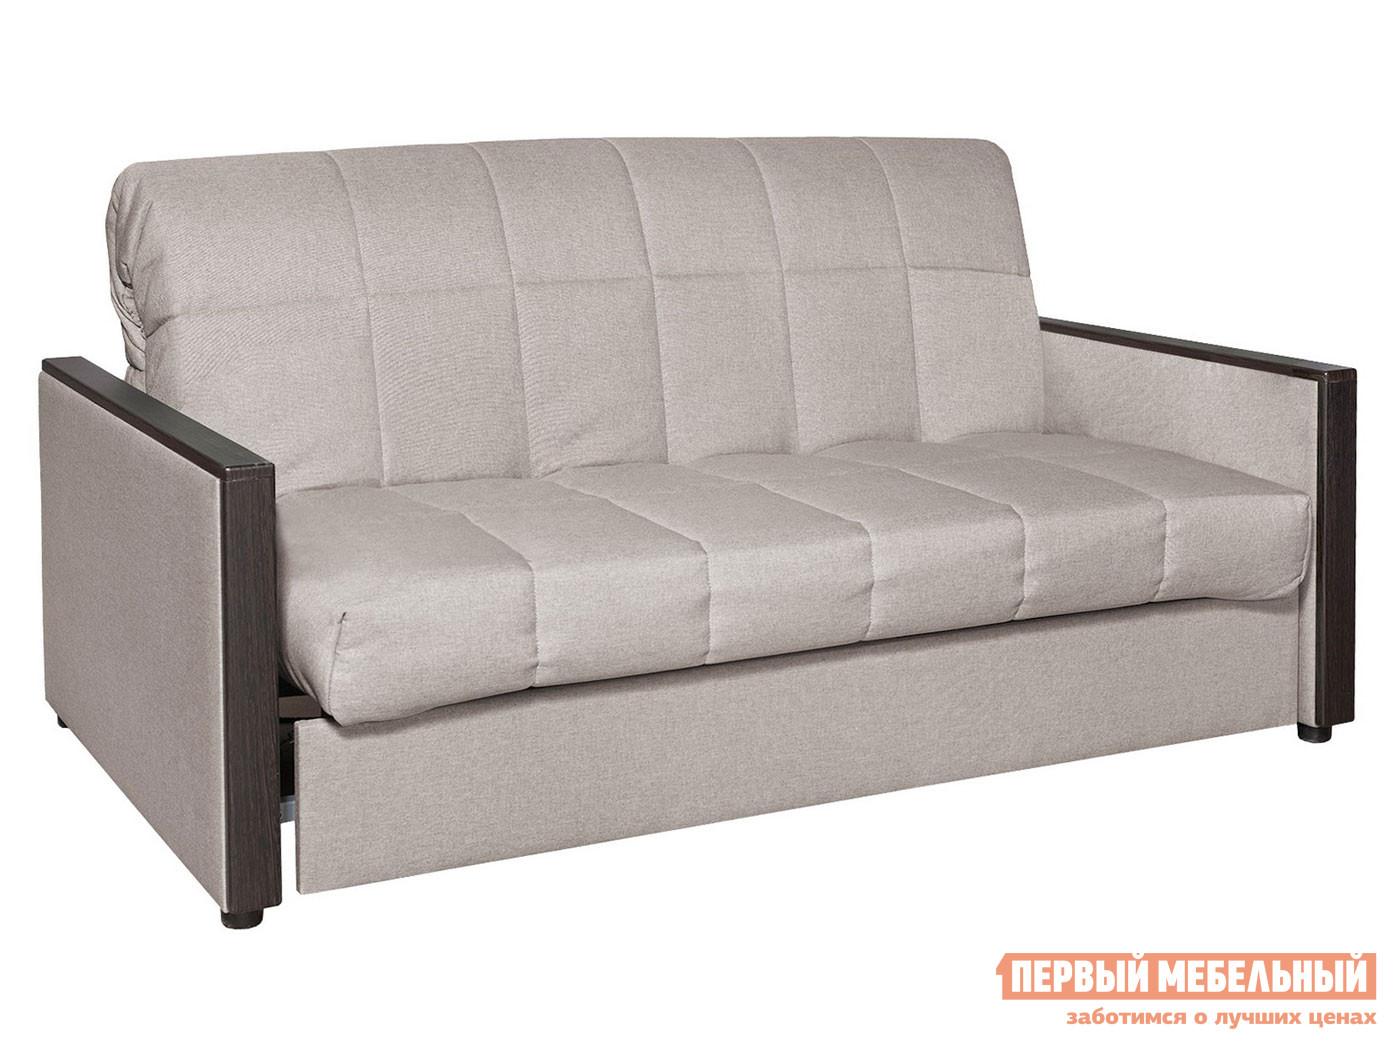 Прямой диван Диван Орион Люкс Серо-бежевый, рогожка, 180х200 см фото